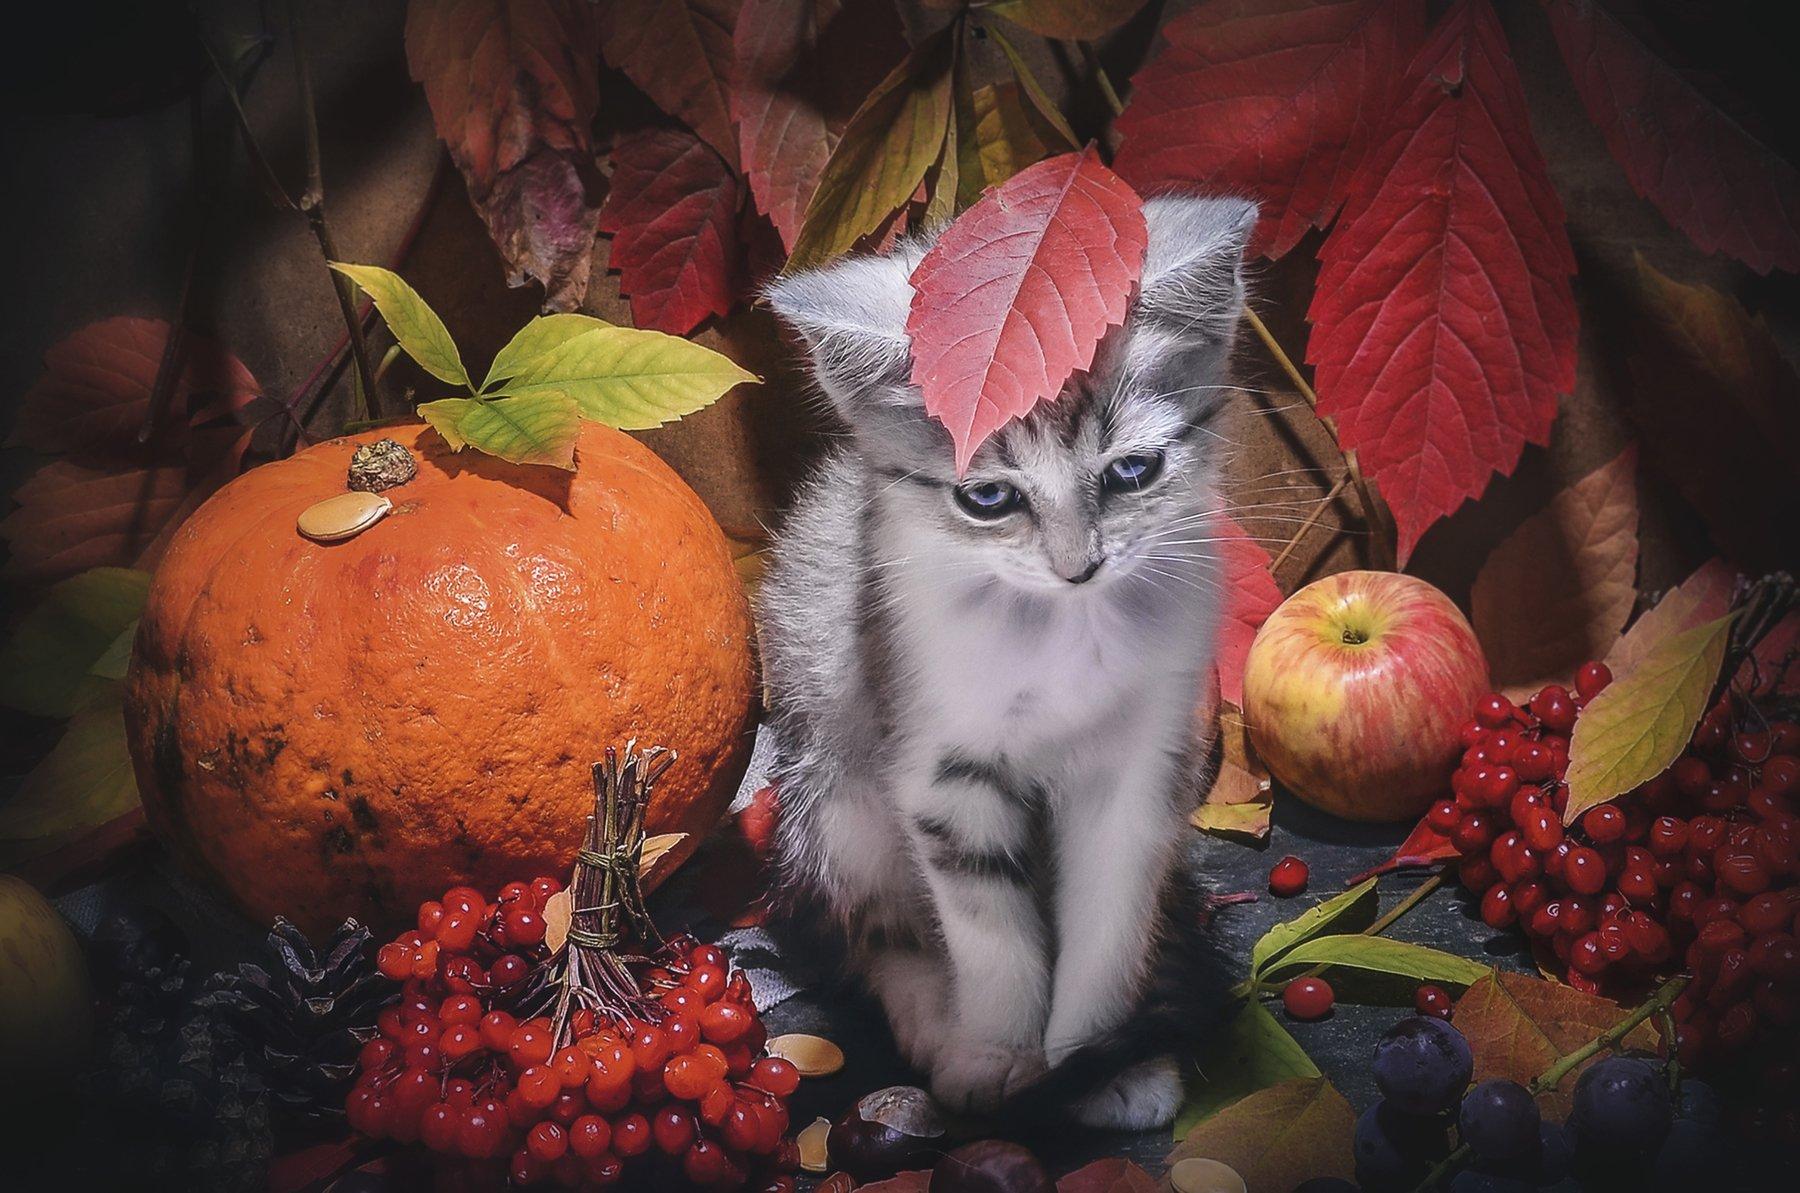 осень,фрукты,овощи,котёнок,грусть,листья, Володин Владимир